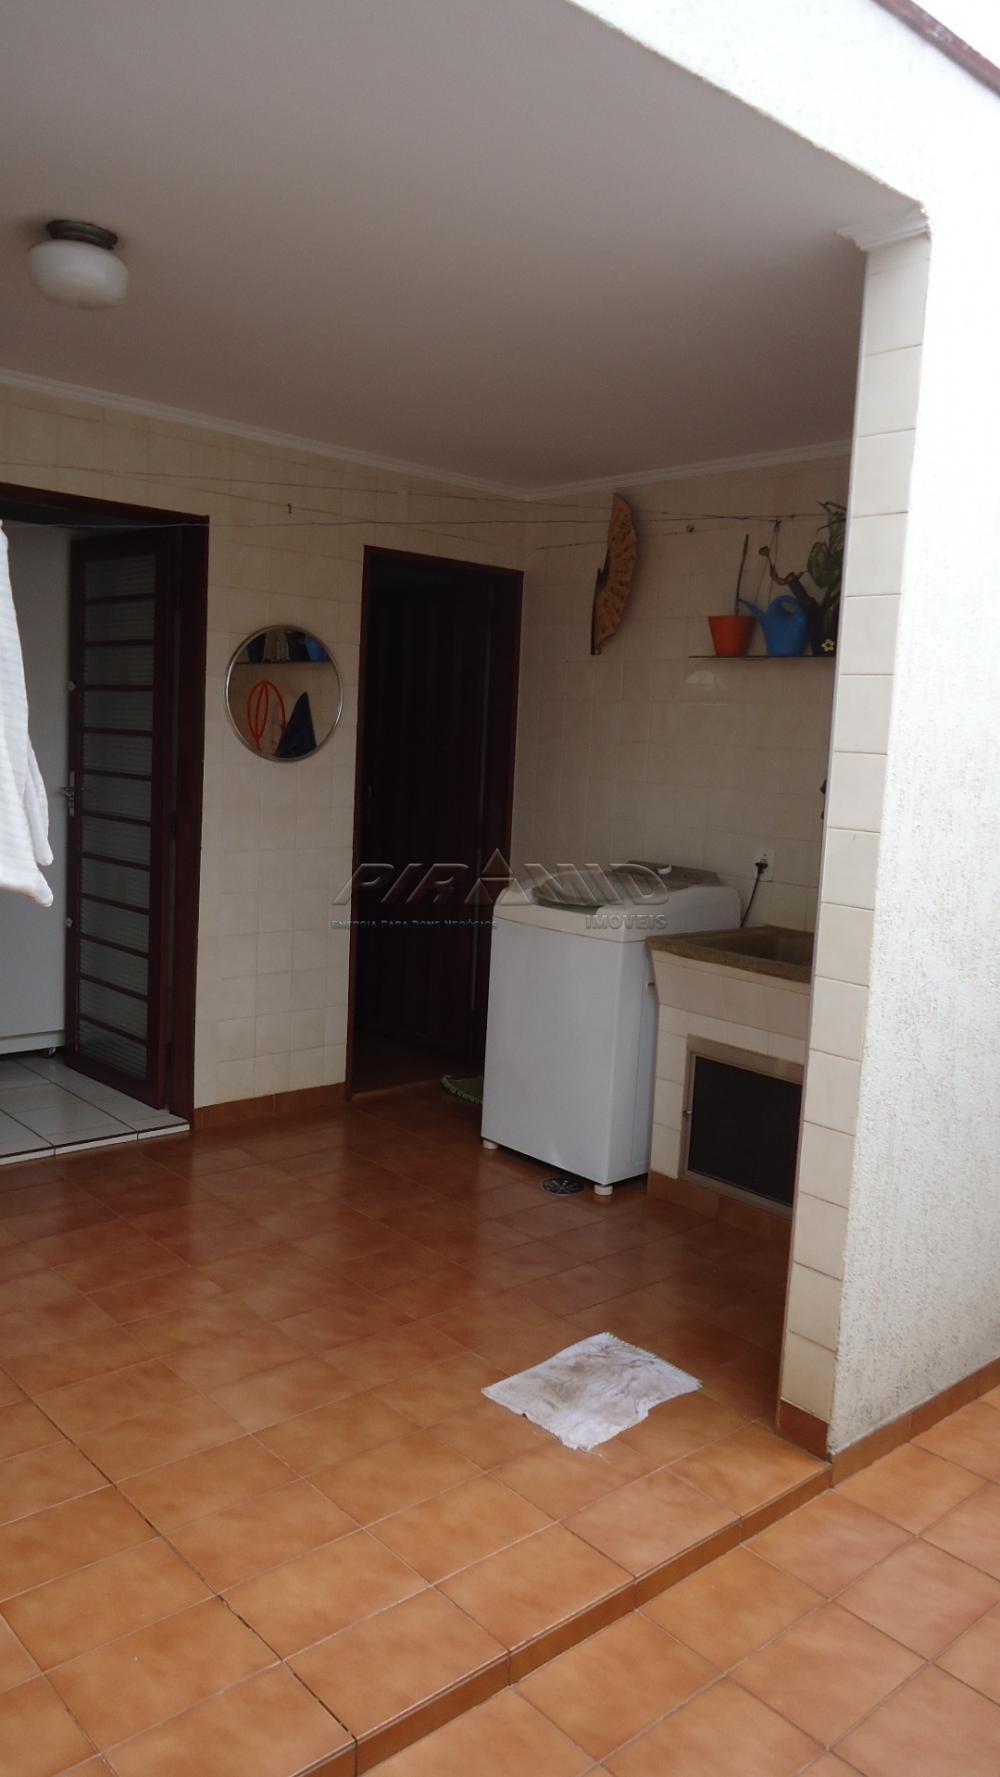 Alugar Casa / Padrão em Ribeirão Preto R$ 1.300,00 - Foto 14